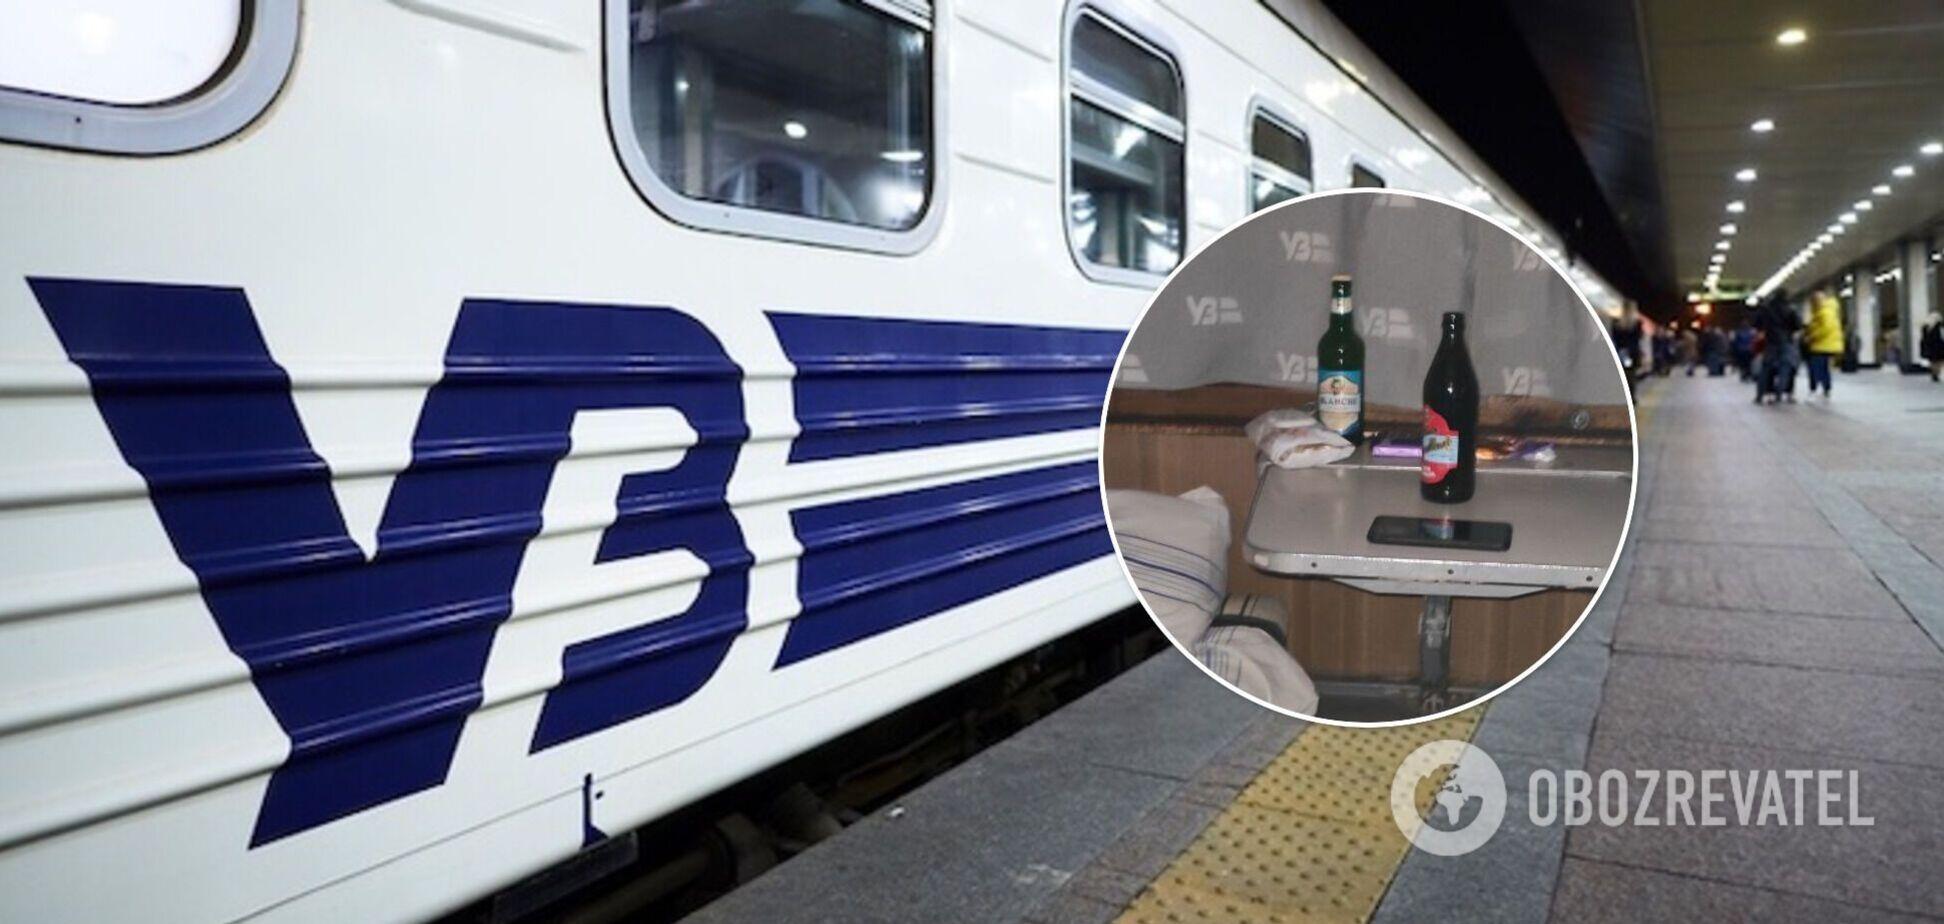 У поїзді 'Укрзалізниці' стався конфлікт через п'яного пасажира